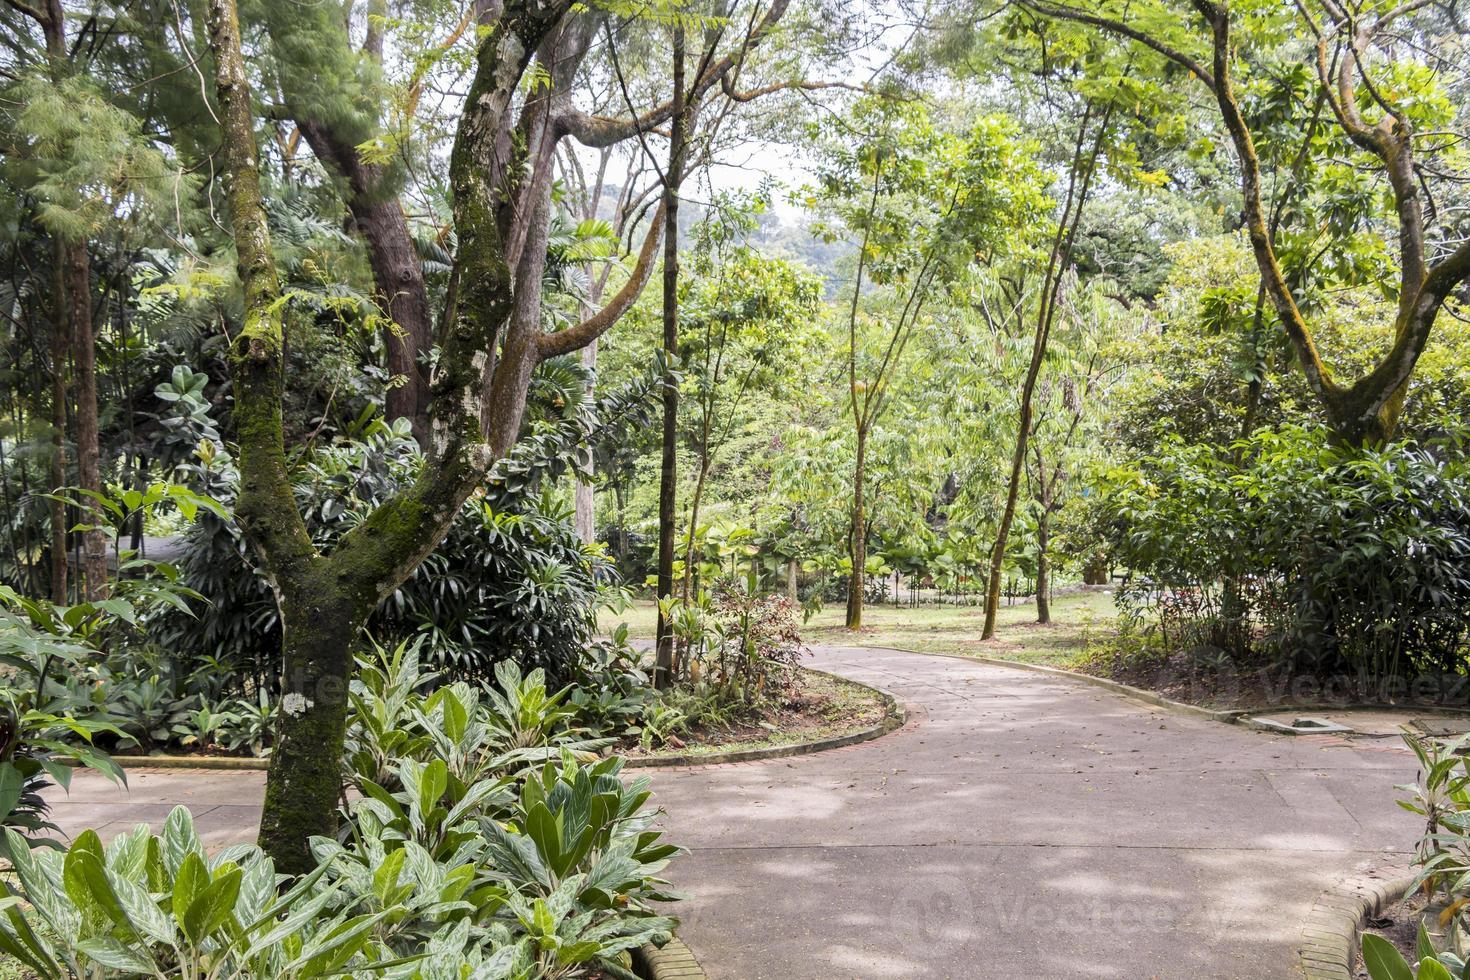 jardins botaniques parfaits et propres du parc perdana à kuala lumpur. photo